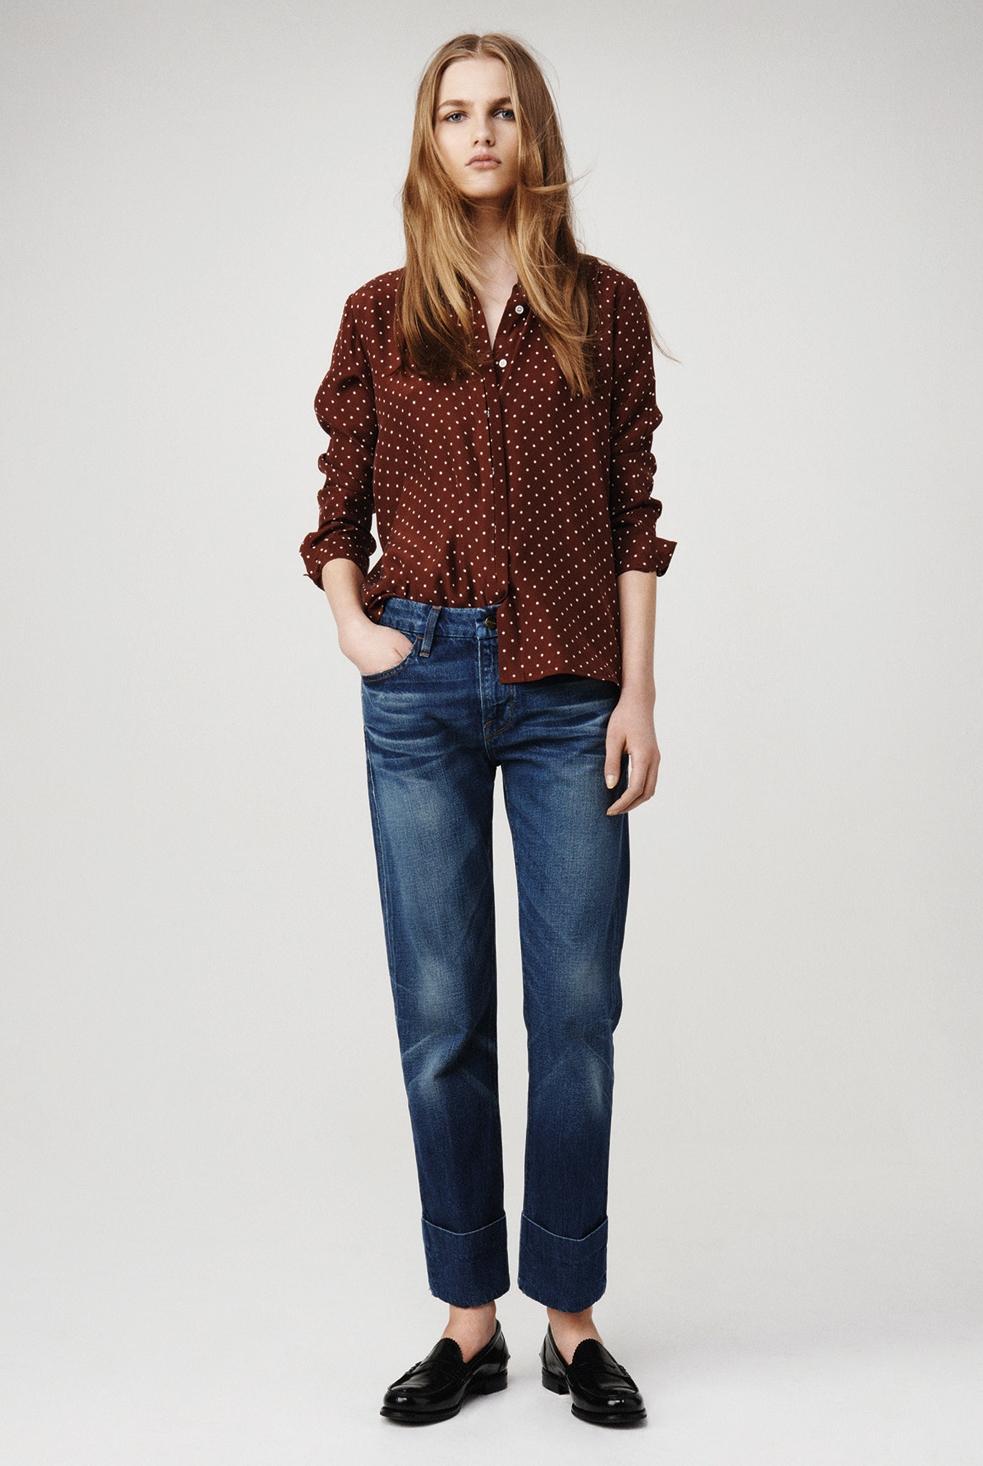 Frame Denim Jeans Fall 2015